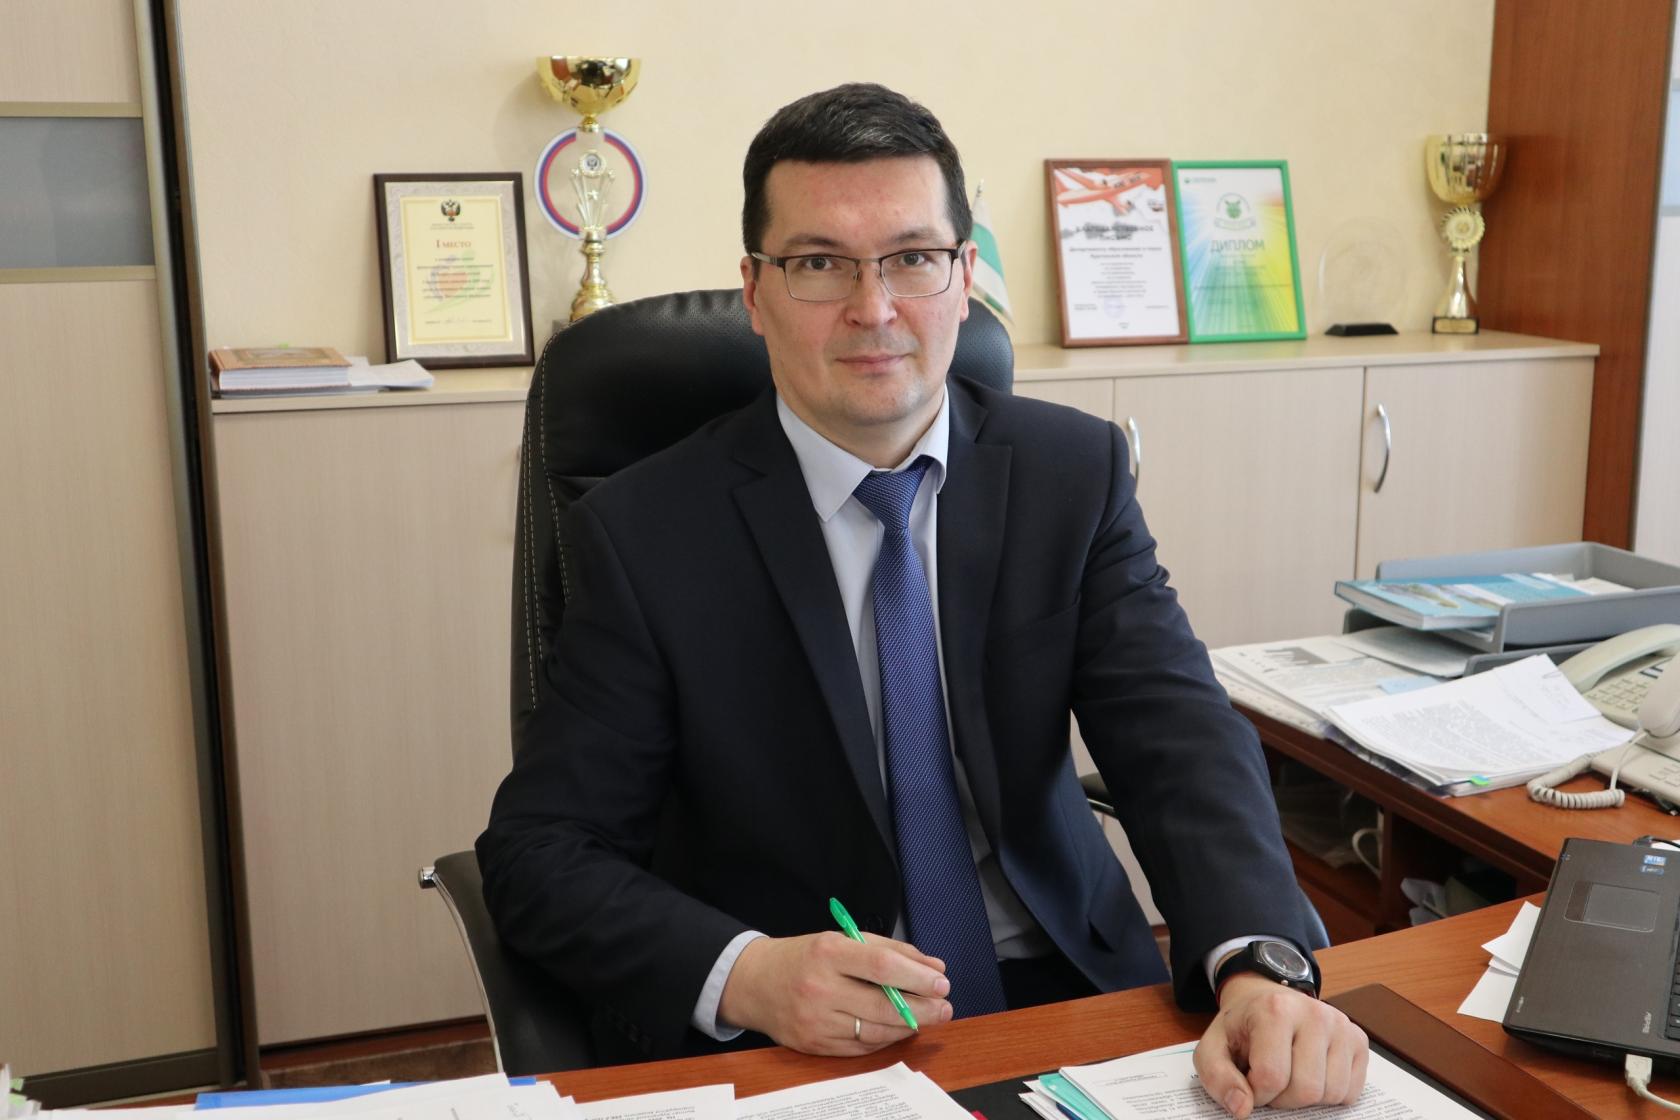 Обращение директора Департамента образования и науки Андрея Кочерова в связи с началом школьных каникул